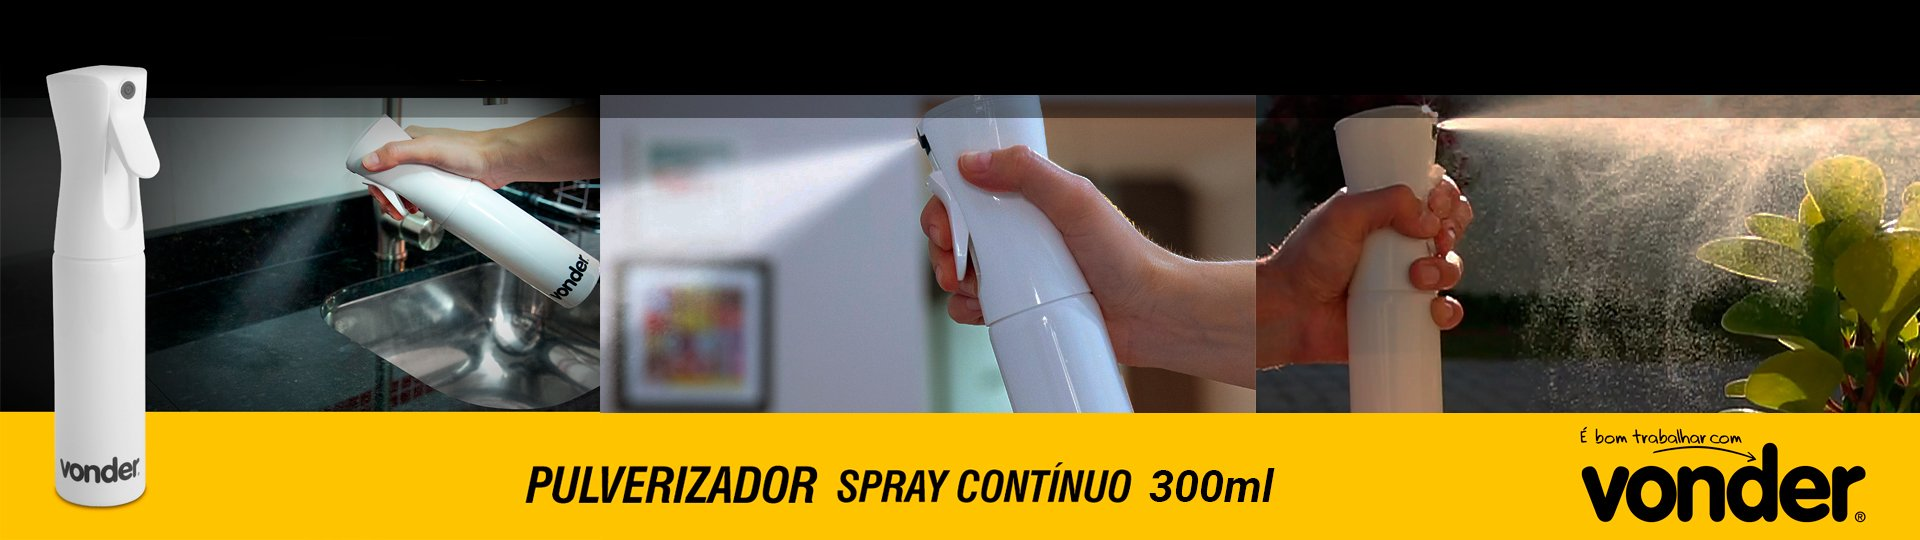 Pulverizador Spray Contínuo Vonder